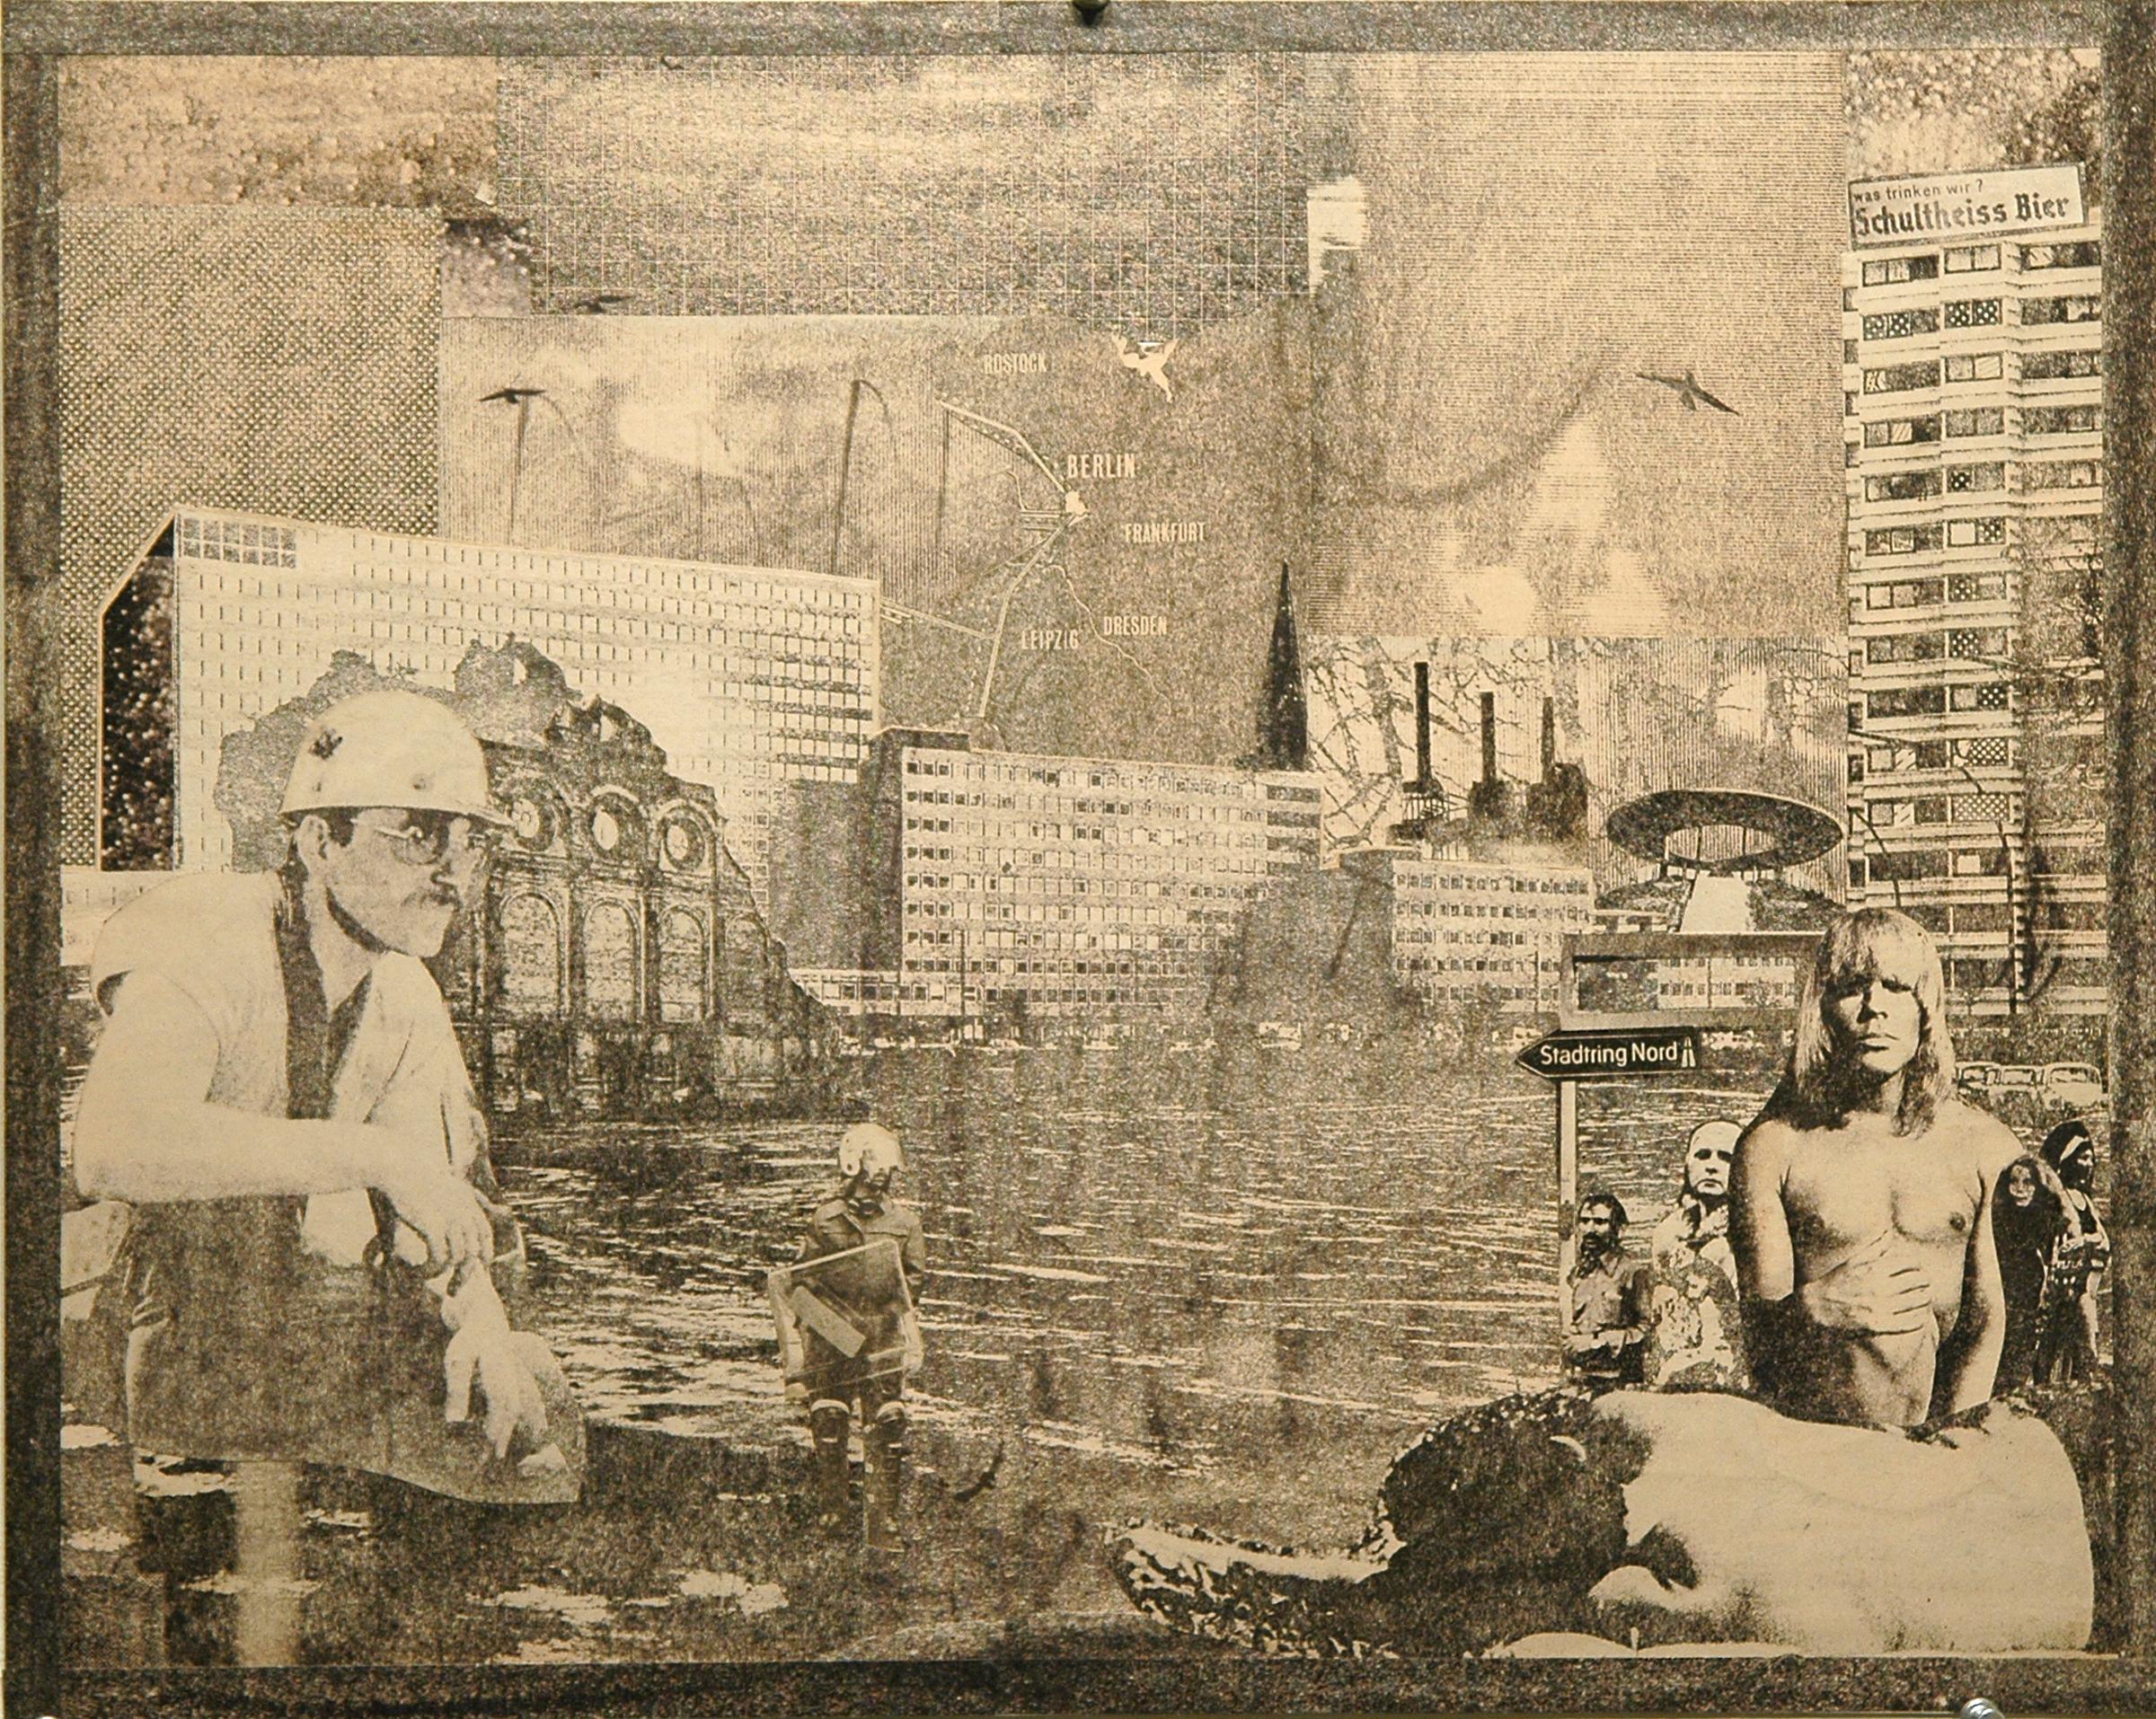 """GWENAËL RATTKE   Die Stadt und ihre Seele 2 , 2012, solvent transfer and collage on museum board, 18"""" x 22.25"""""""